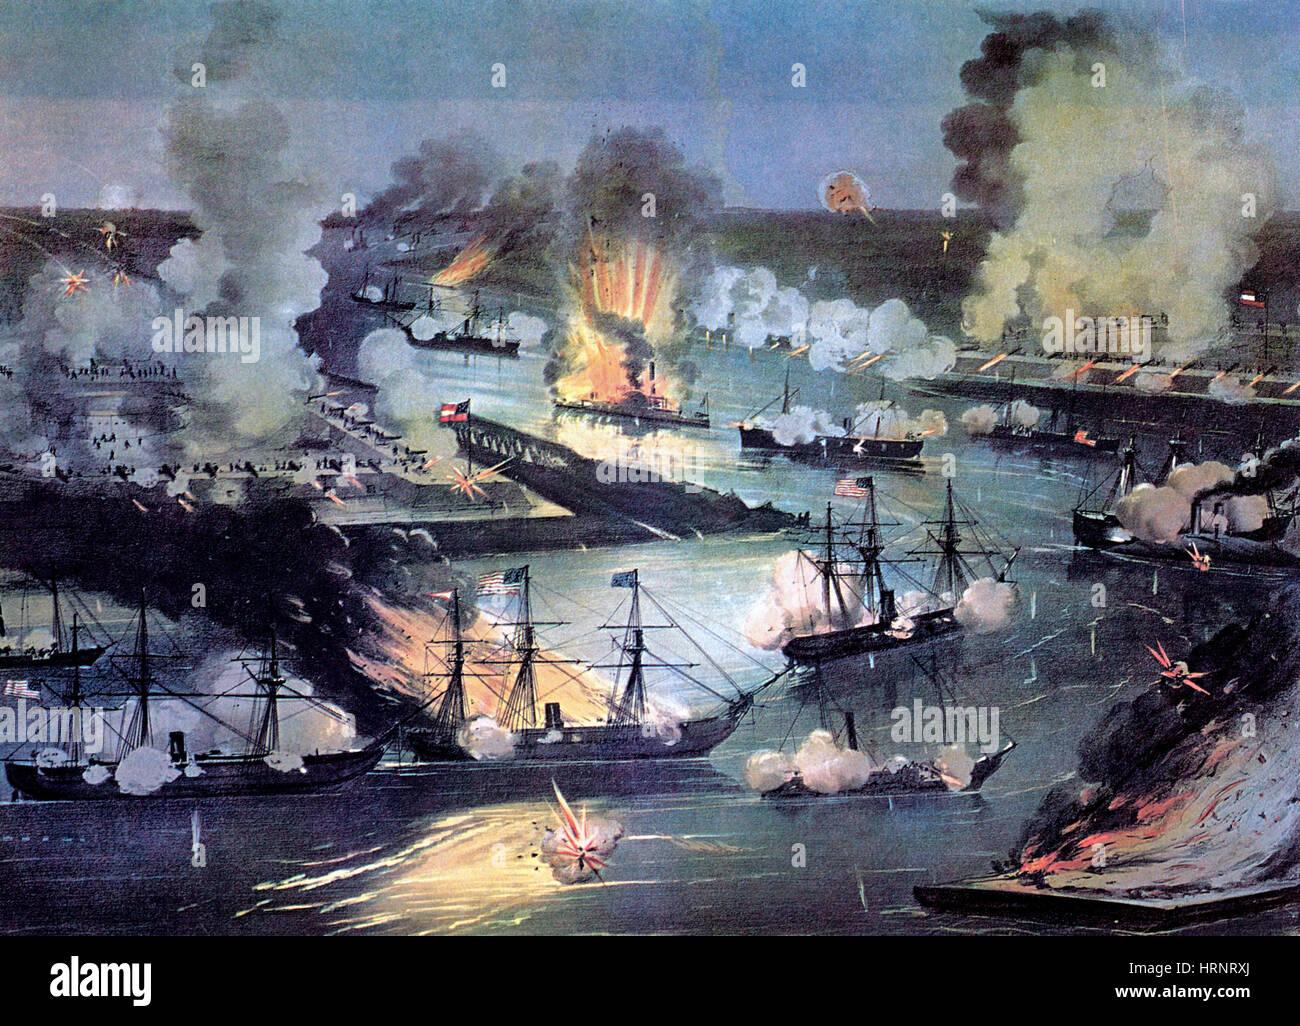 U.S. Navy Destroys Rebel Gunboats, Civll War, 1862 - Stock Image